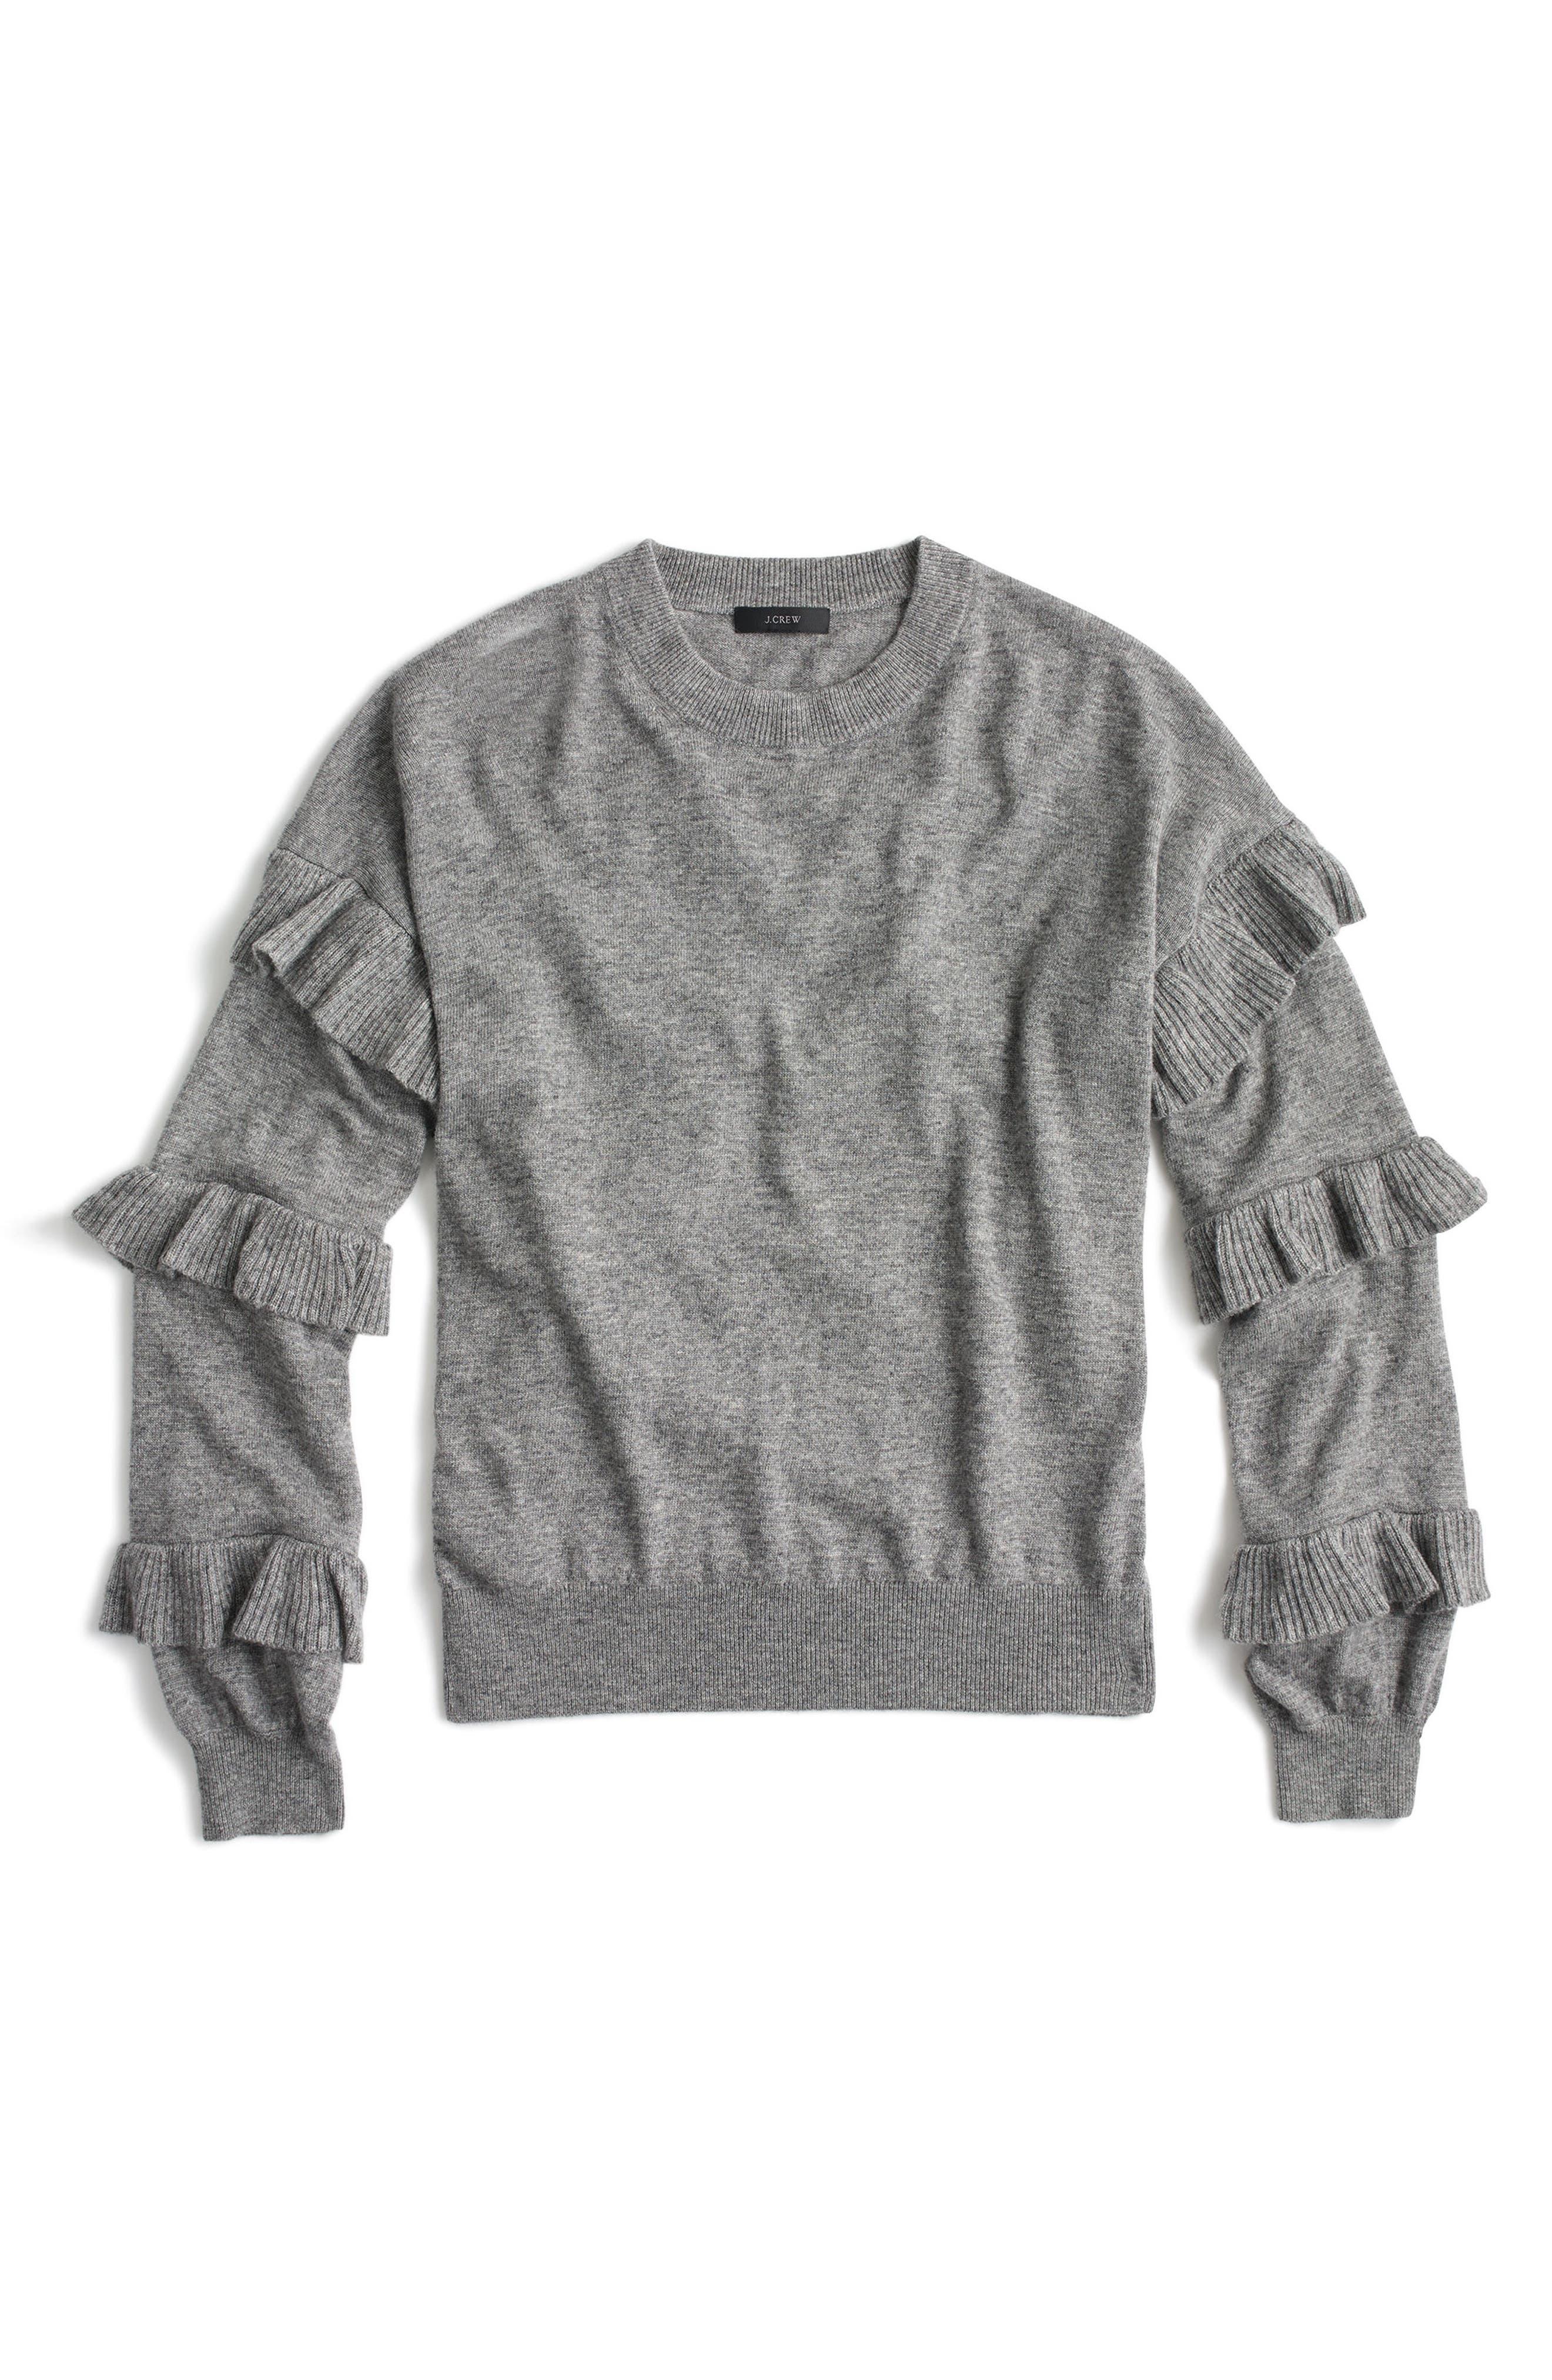 J.Crew Ruffle Sleeve Sweater